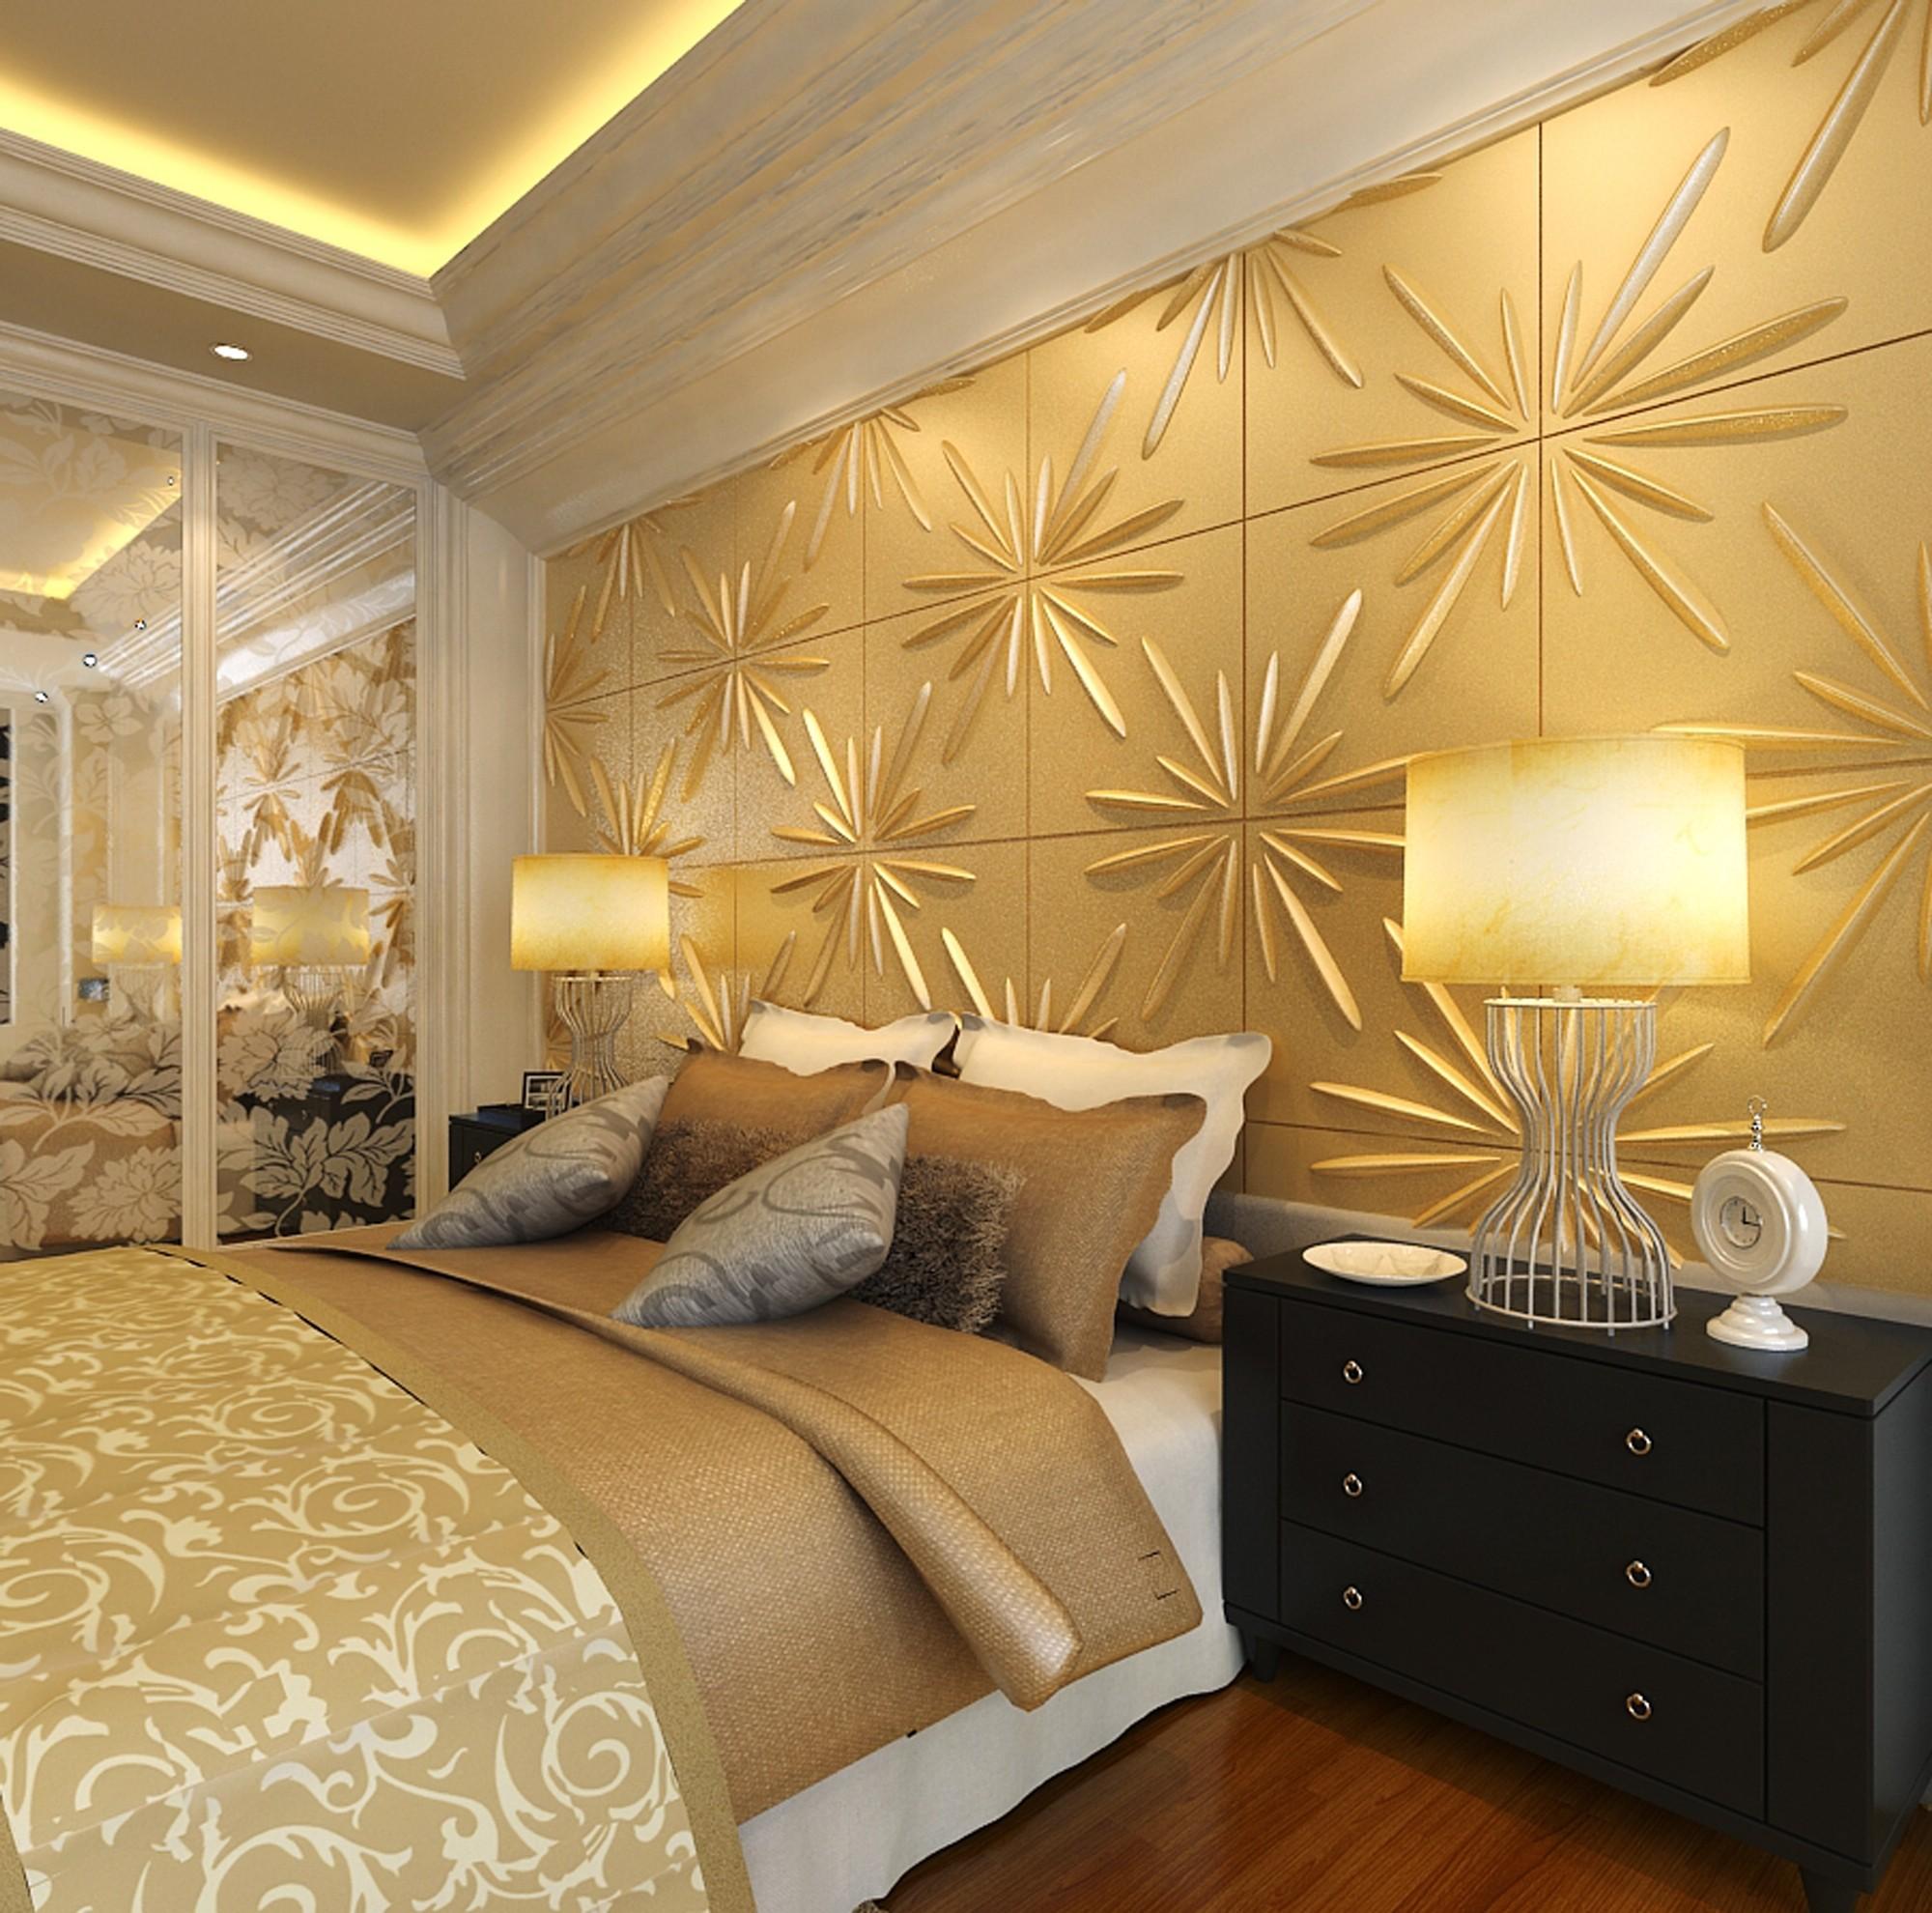 1 m2 paneele 3d platten 3d wanddekor wandverkleidung decke wand 50x50cm elijah dekore aus - Testata letto matrimoniale shabby ...